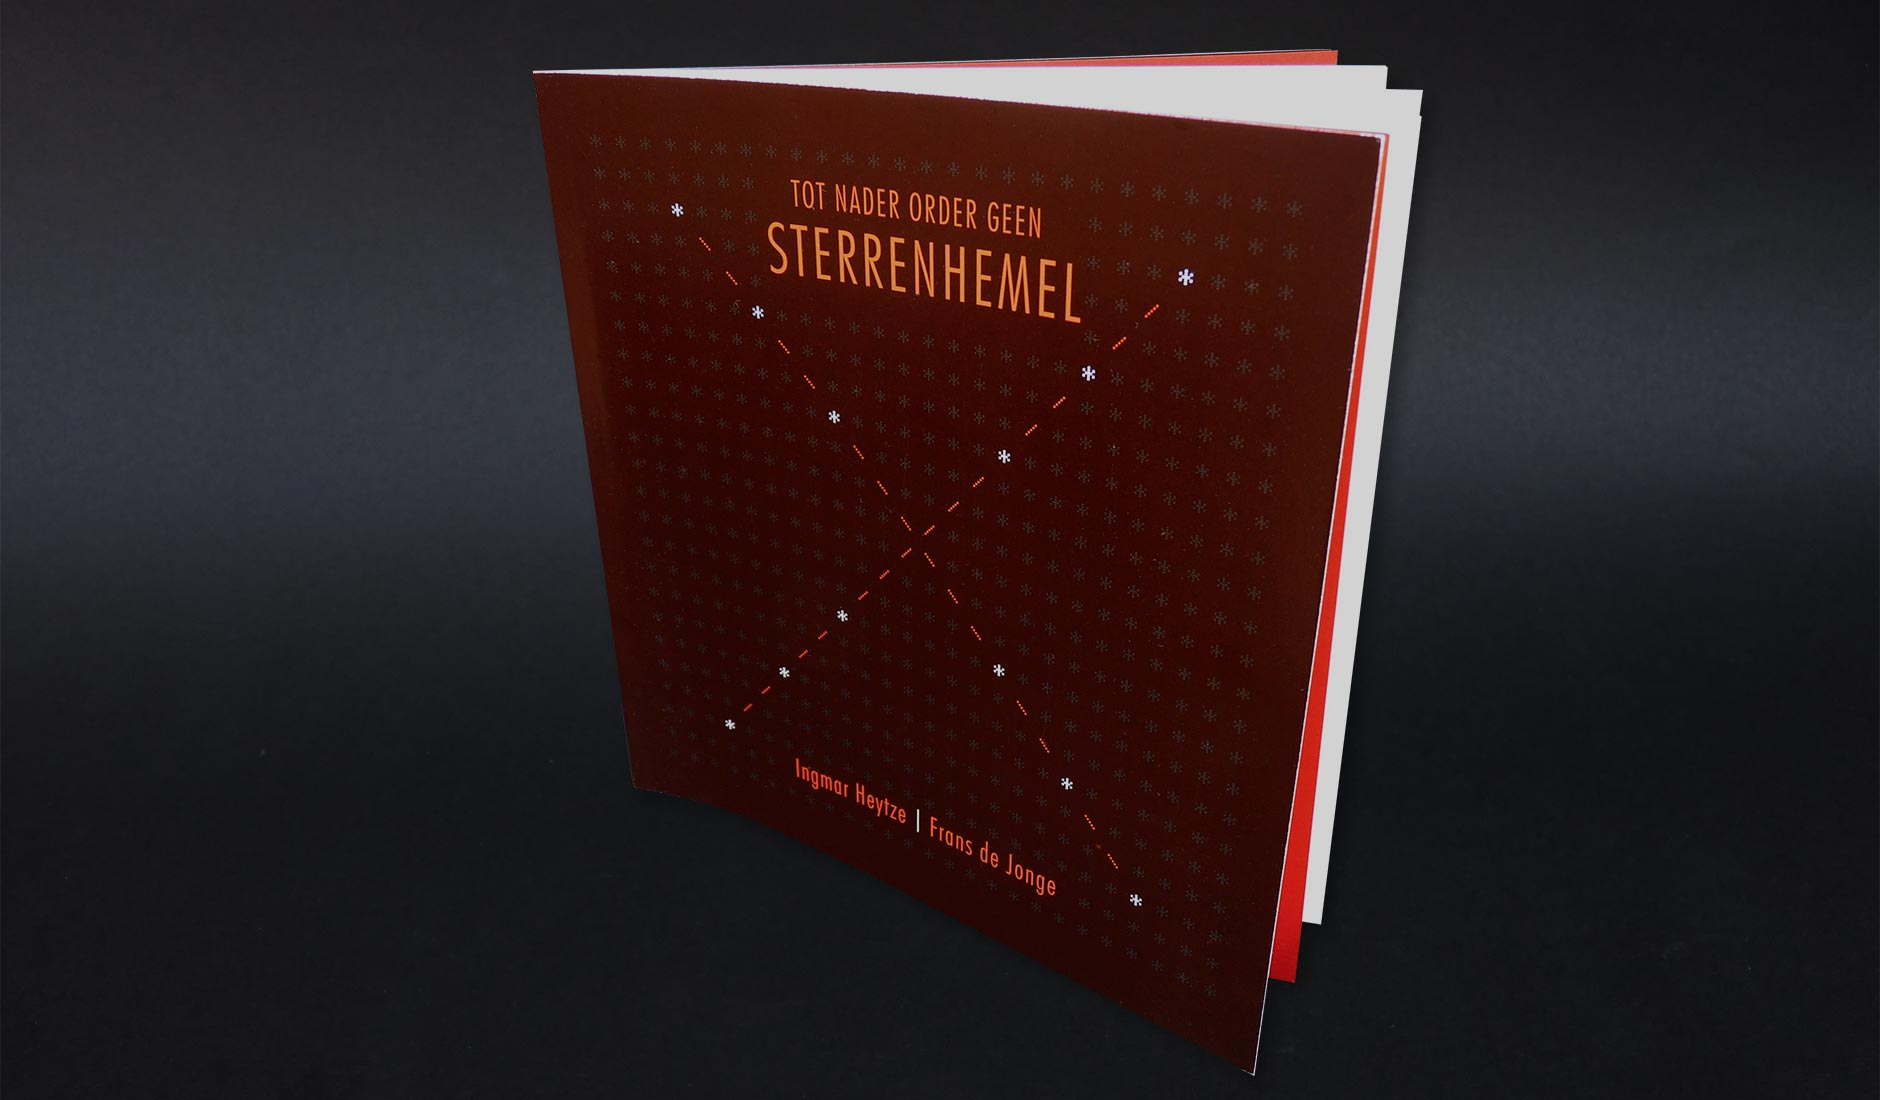 Omslagontwerp voor 'Tot nader order geen sterrenhemel'. In dit typografisvhe omslag vormen tekens uit een lichtkrant letter samen de illustratie, een kruis.